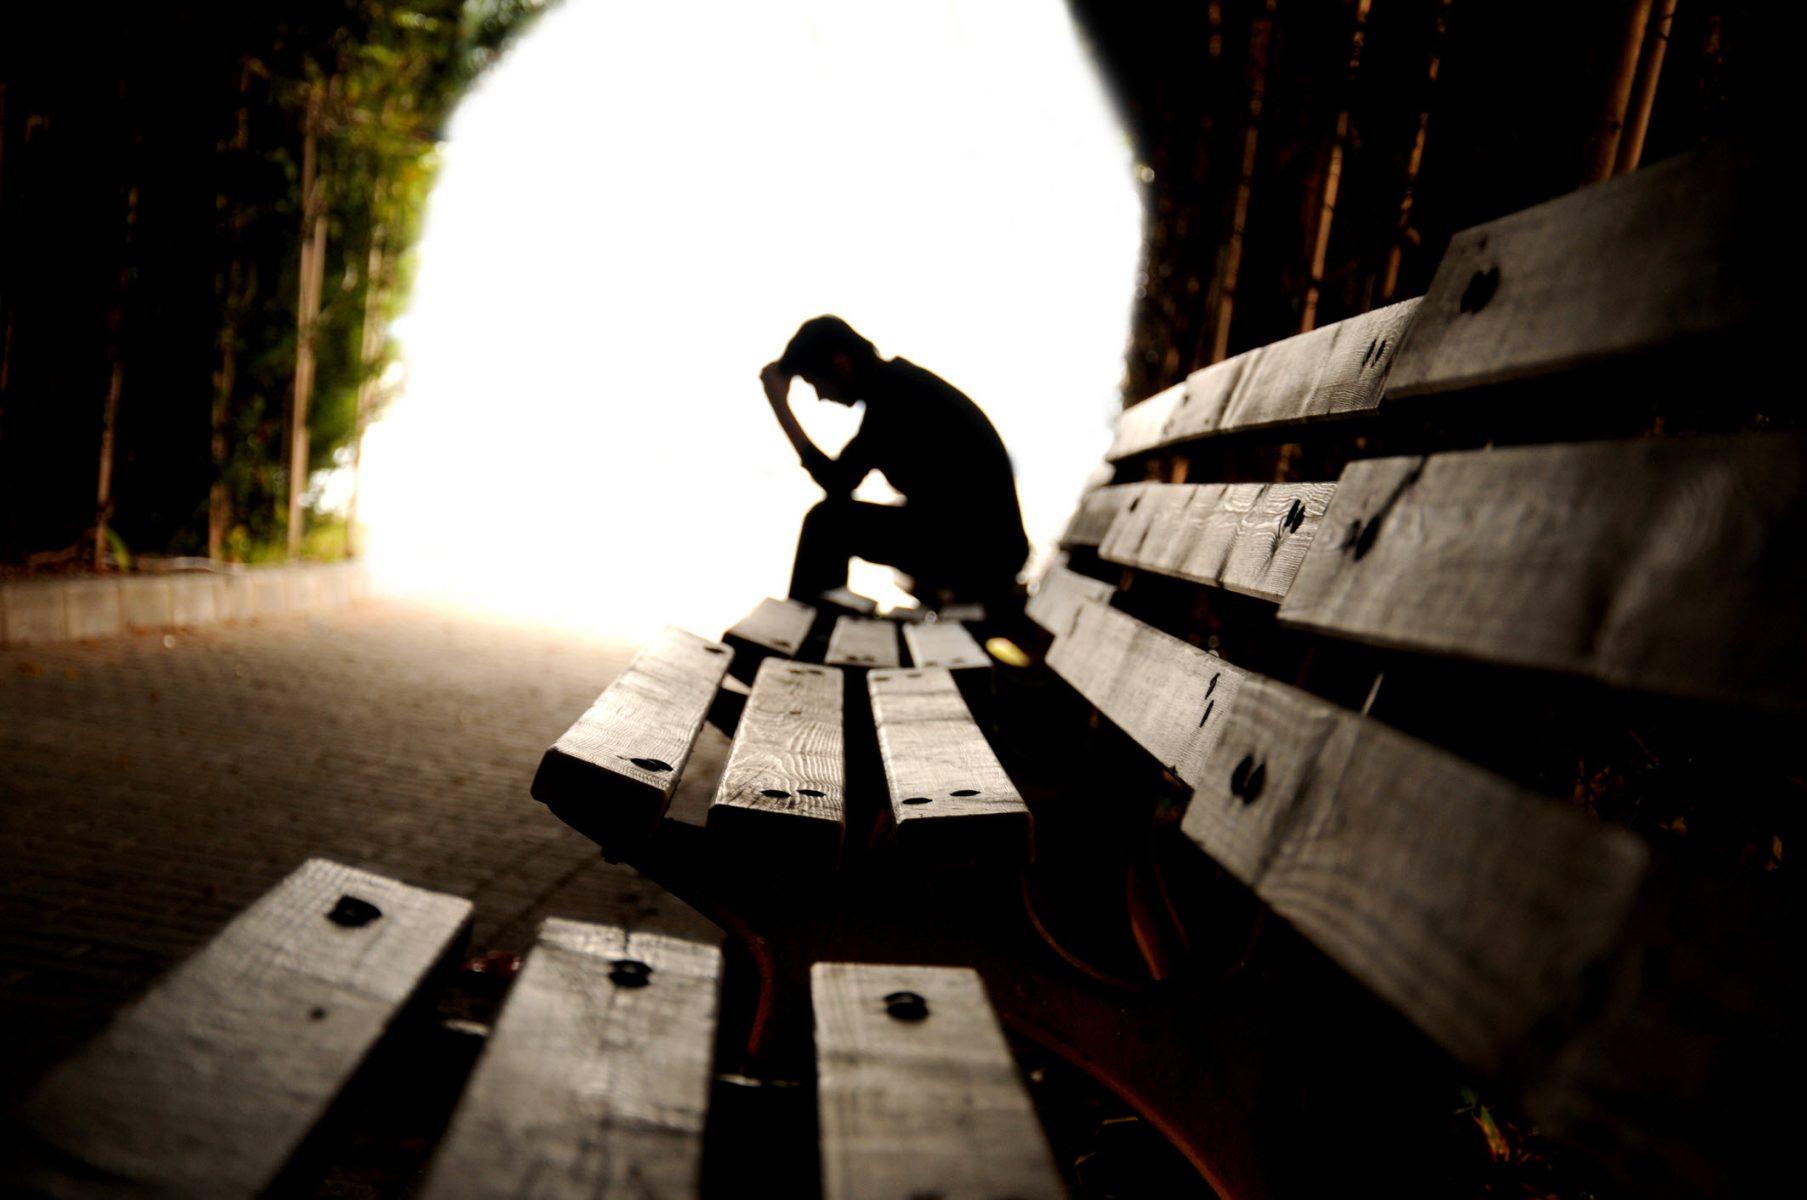 Αισθάνομαι χαμένος: Οι ερωτήσεις που πρέπει να θέσεις στον εαυτό σου